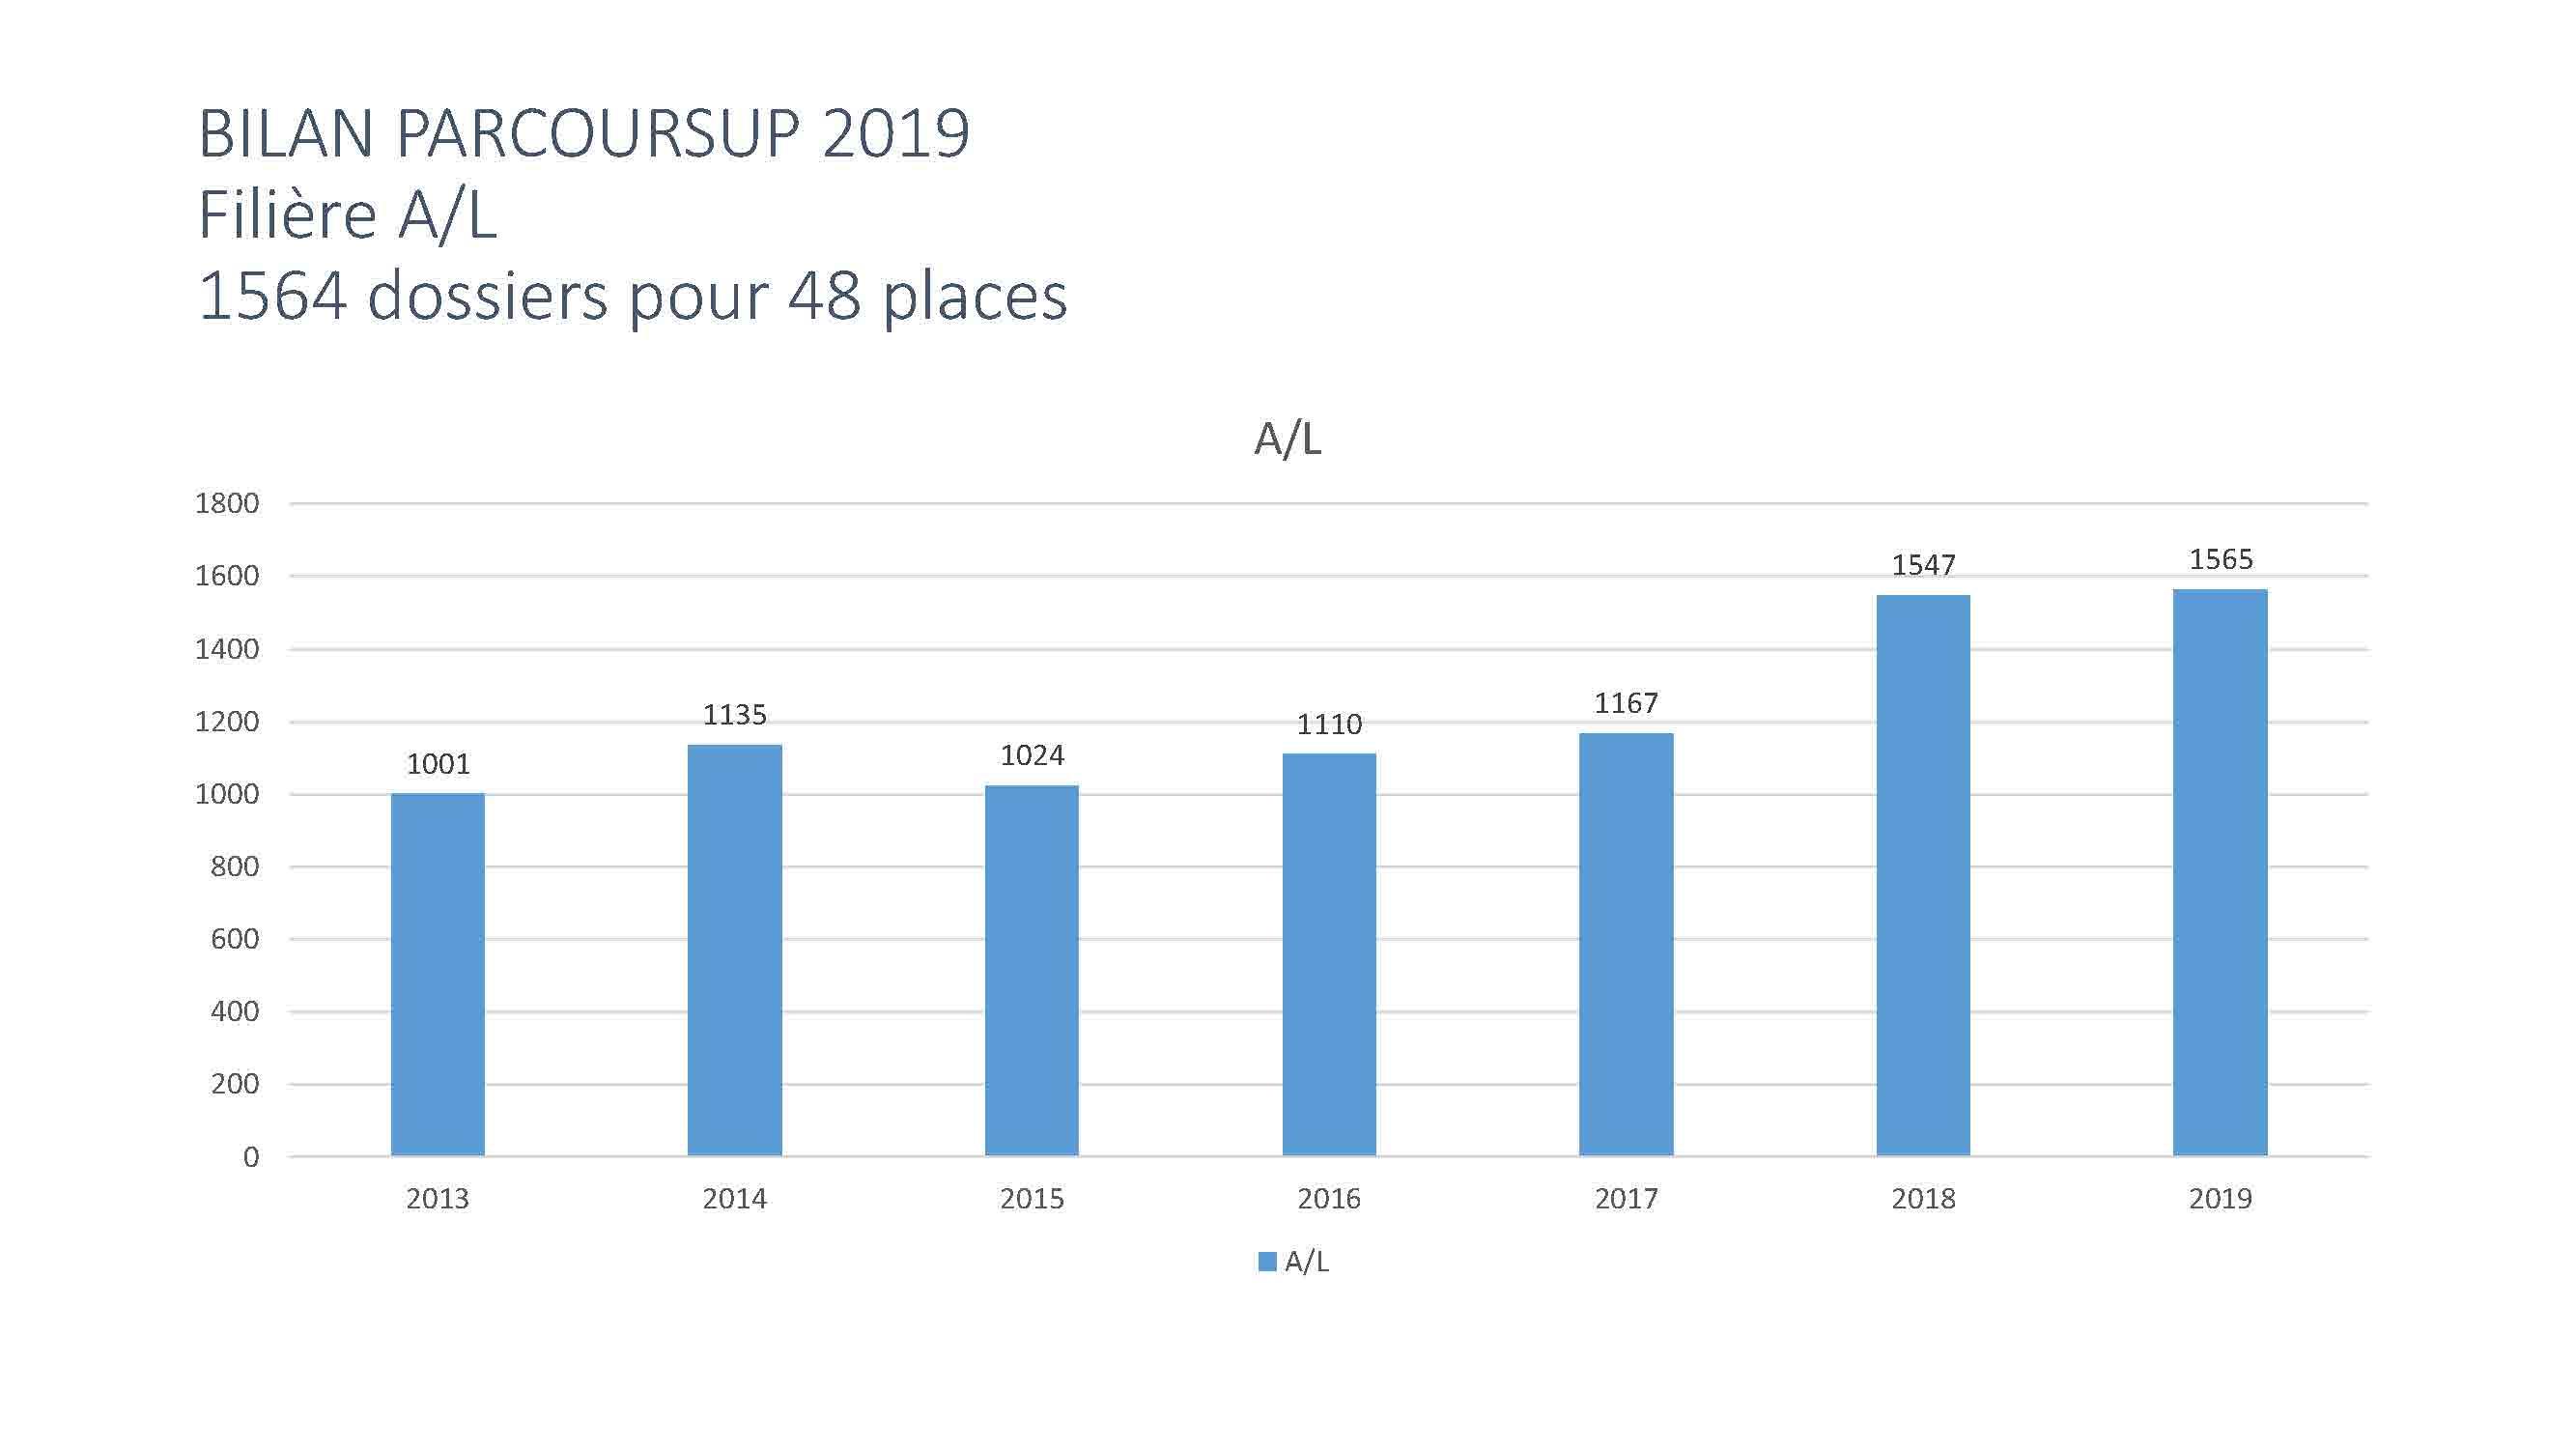 BILAN PARCOURSUP 2019_Page_02